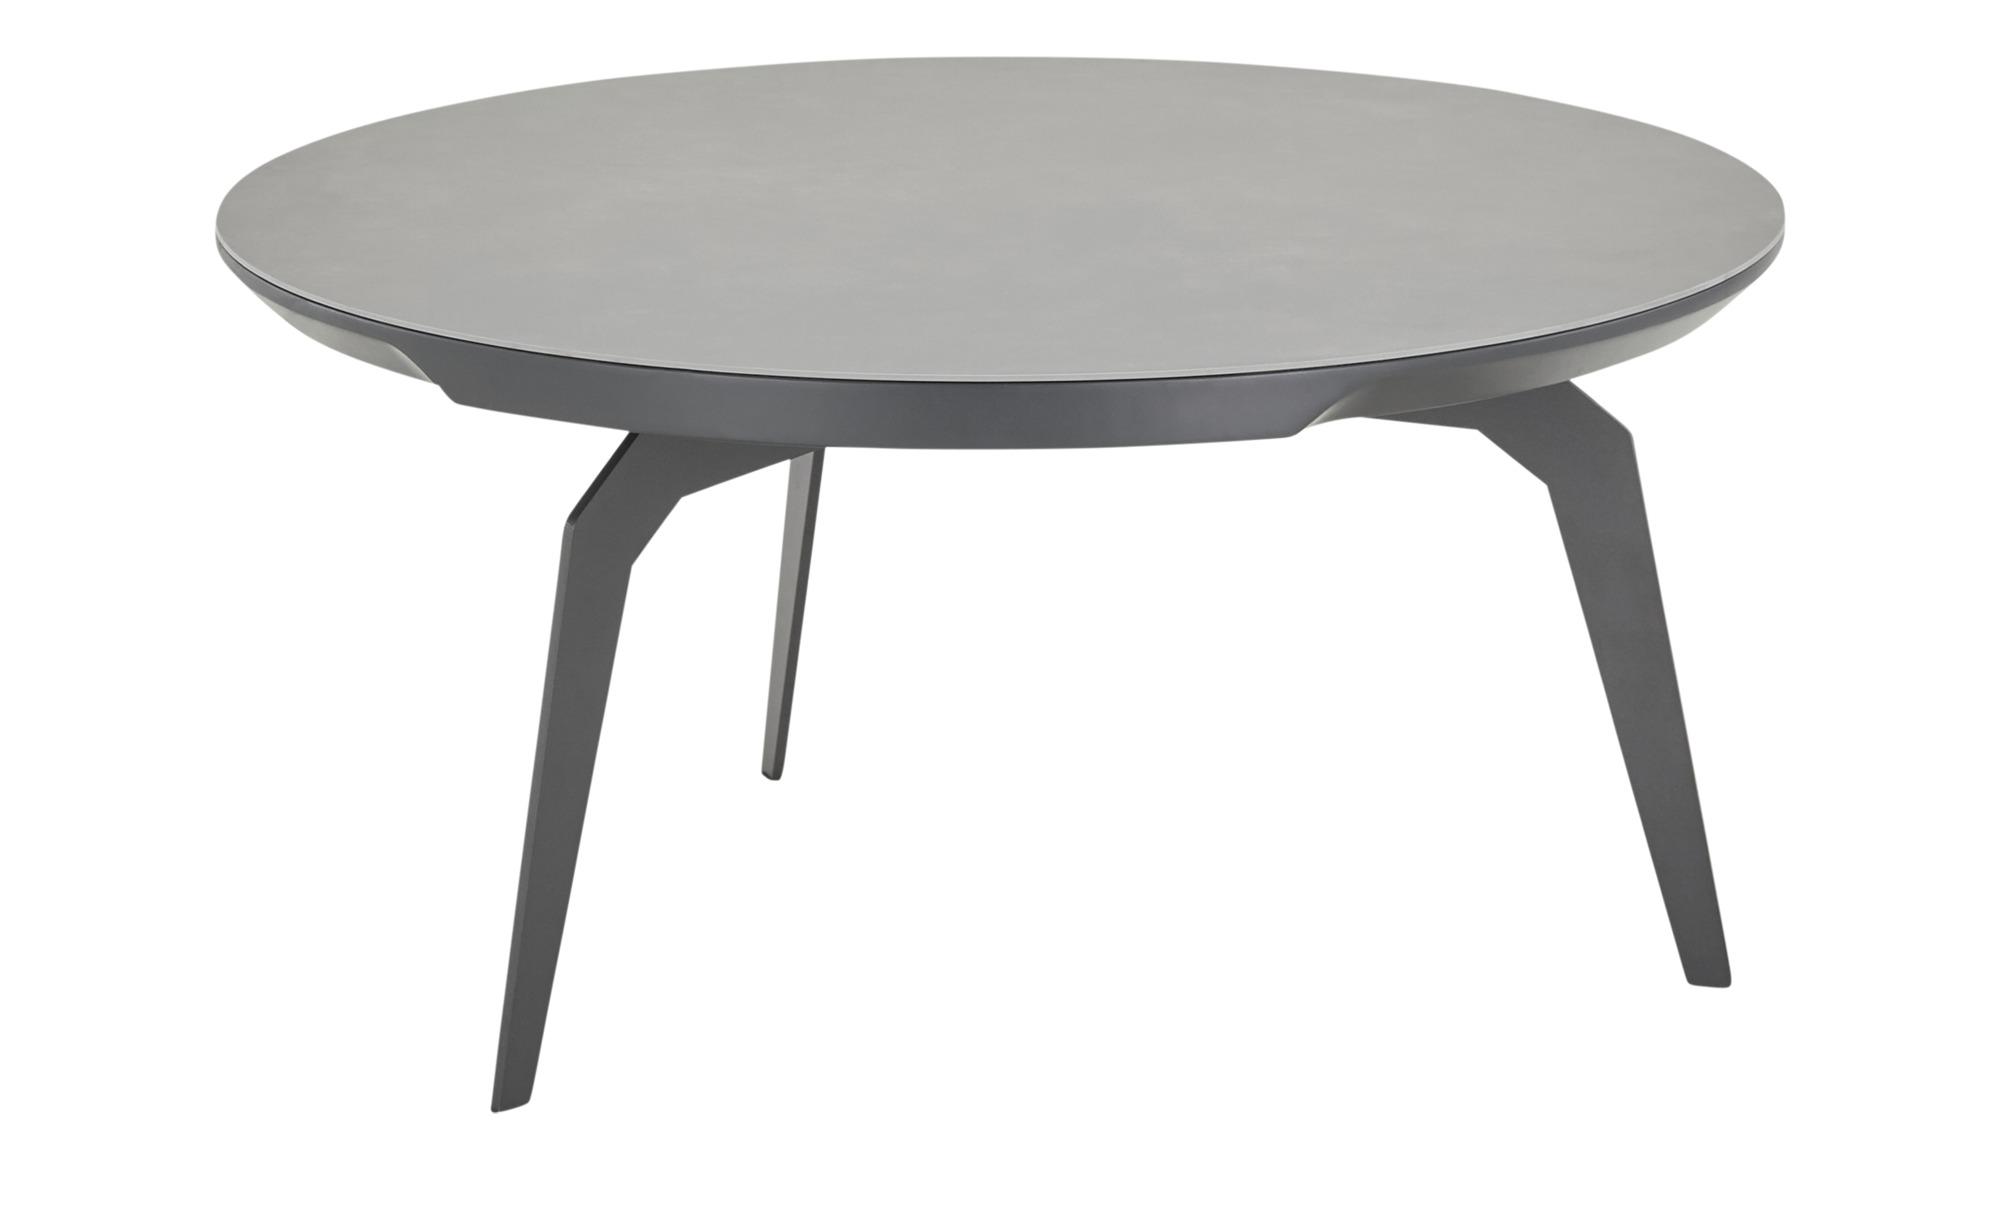 Couchtisch  Favignana ¦ grau ¦ Maße (cm): H: 40 Ø: 80 Tische > Couchtische > Couchtische rund - Höffner